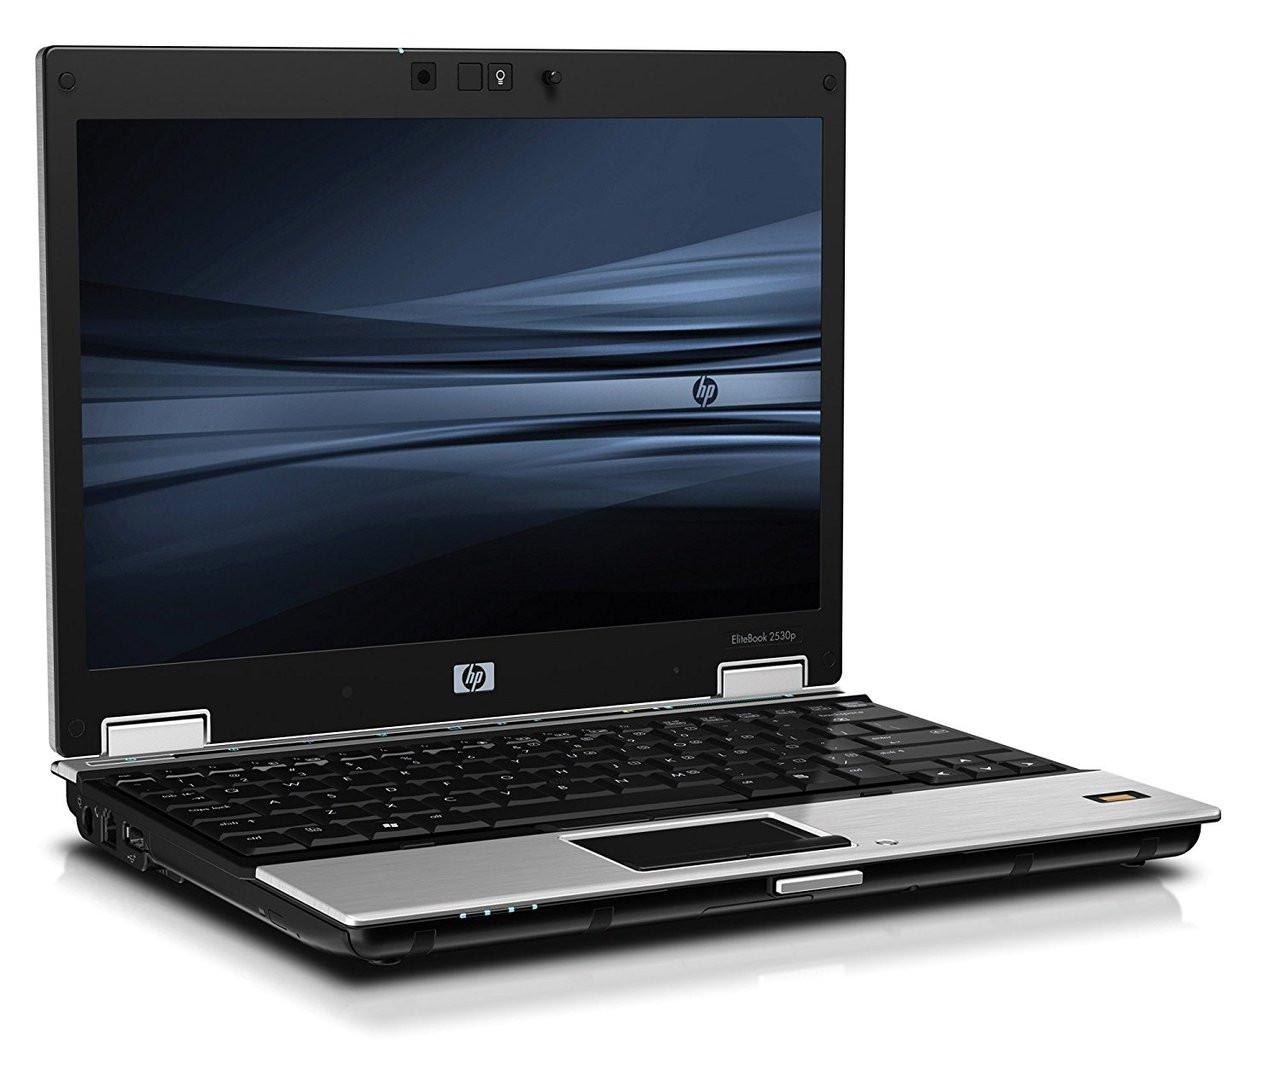 HP EliteBook 2530p - Side Display View 2